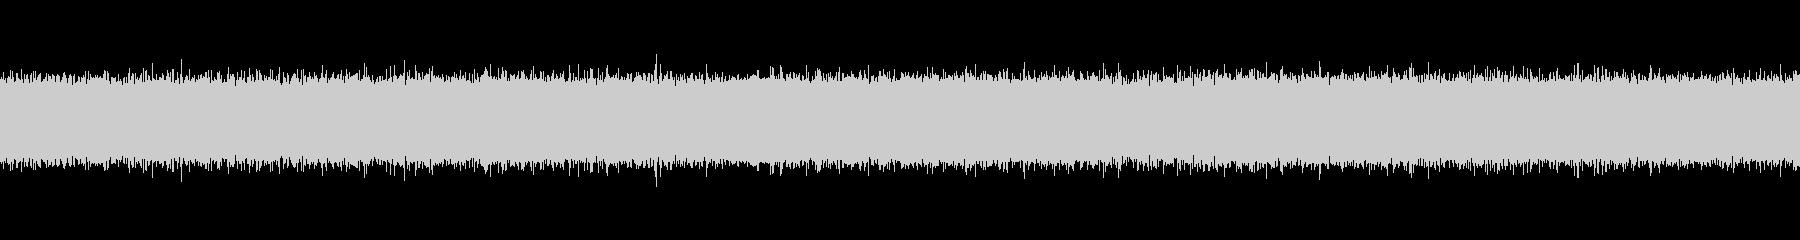 秋の虫の声と川の音1の未再生の波形